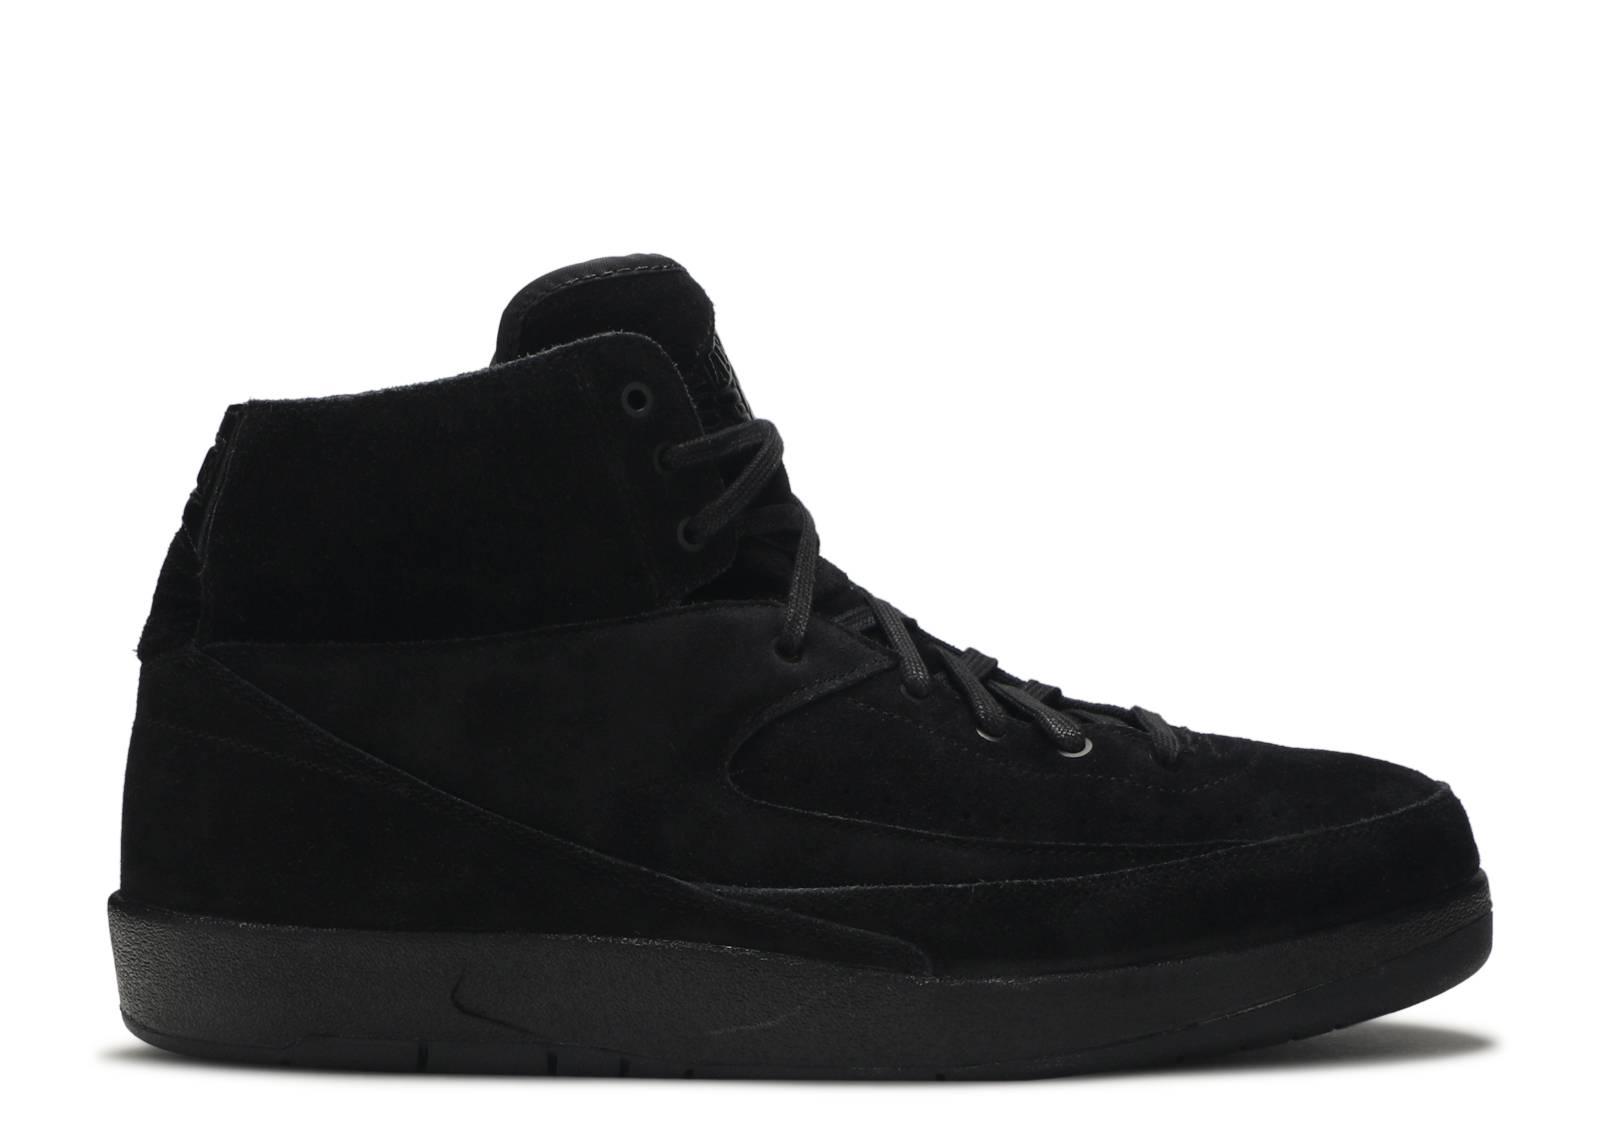 abac4884cb54aa Air Jordan 2 Retro Decon - Air Jordan - 897521 010 - black black ...